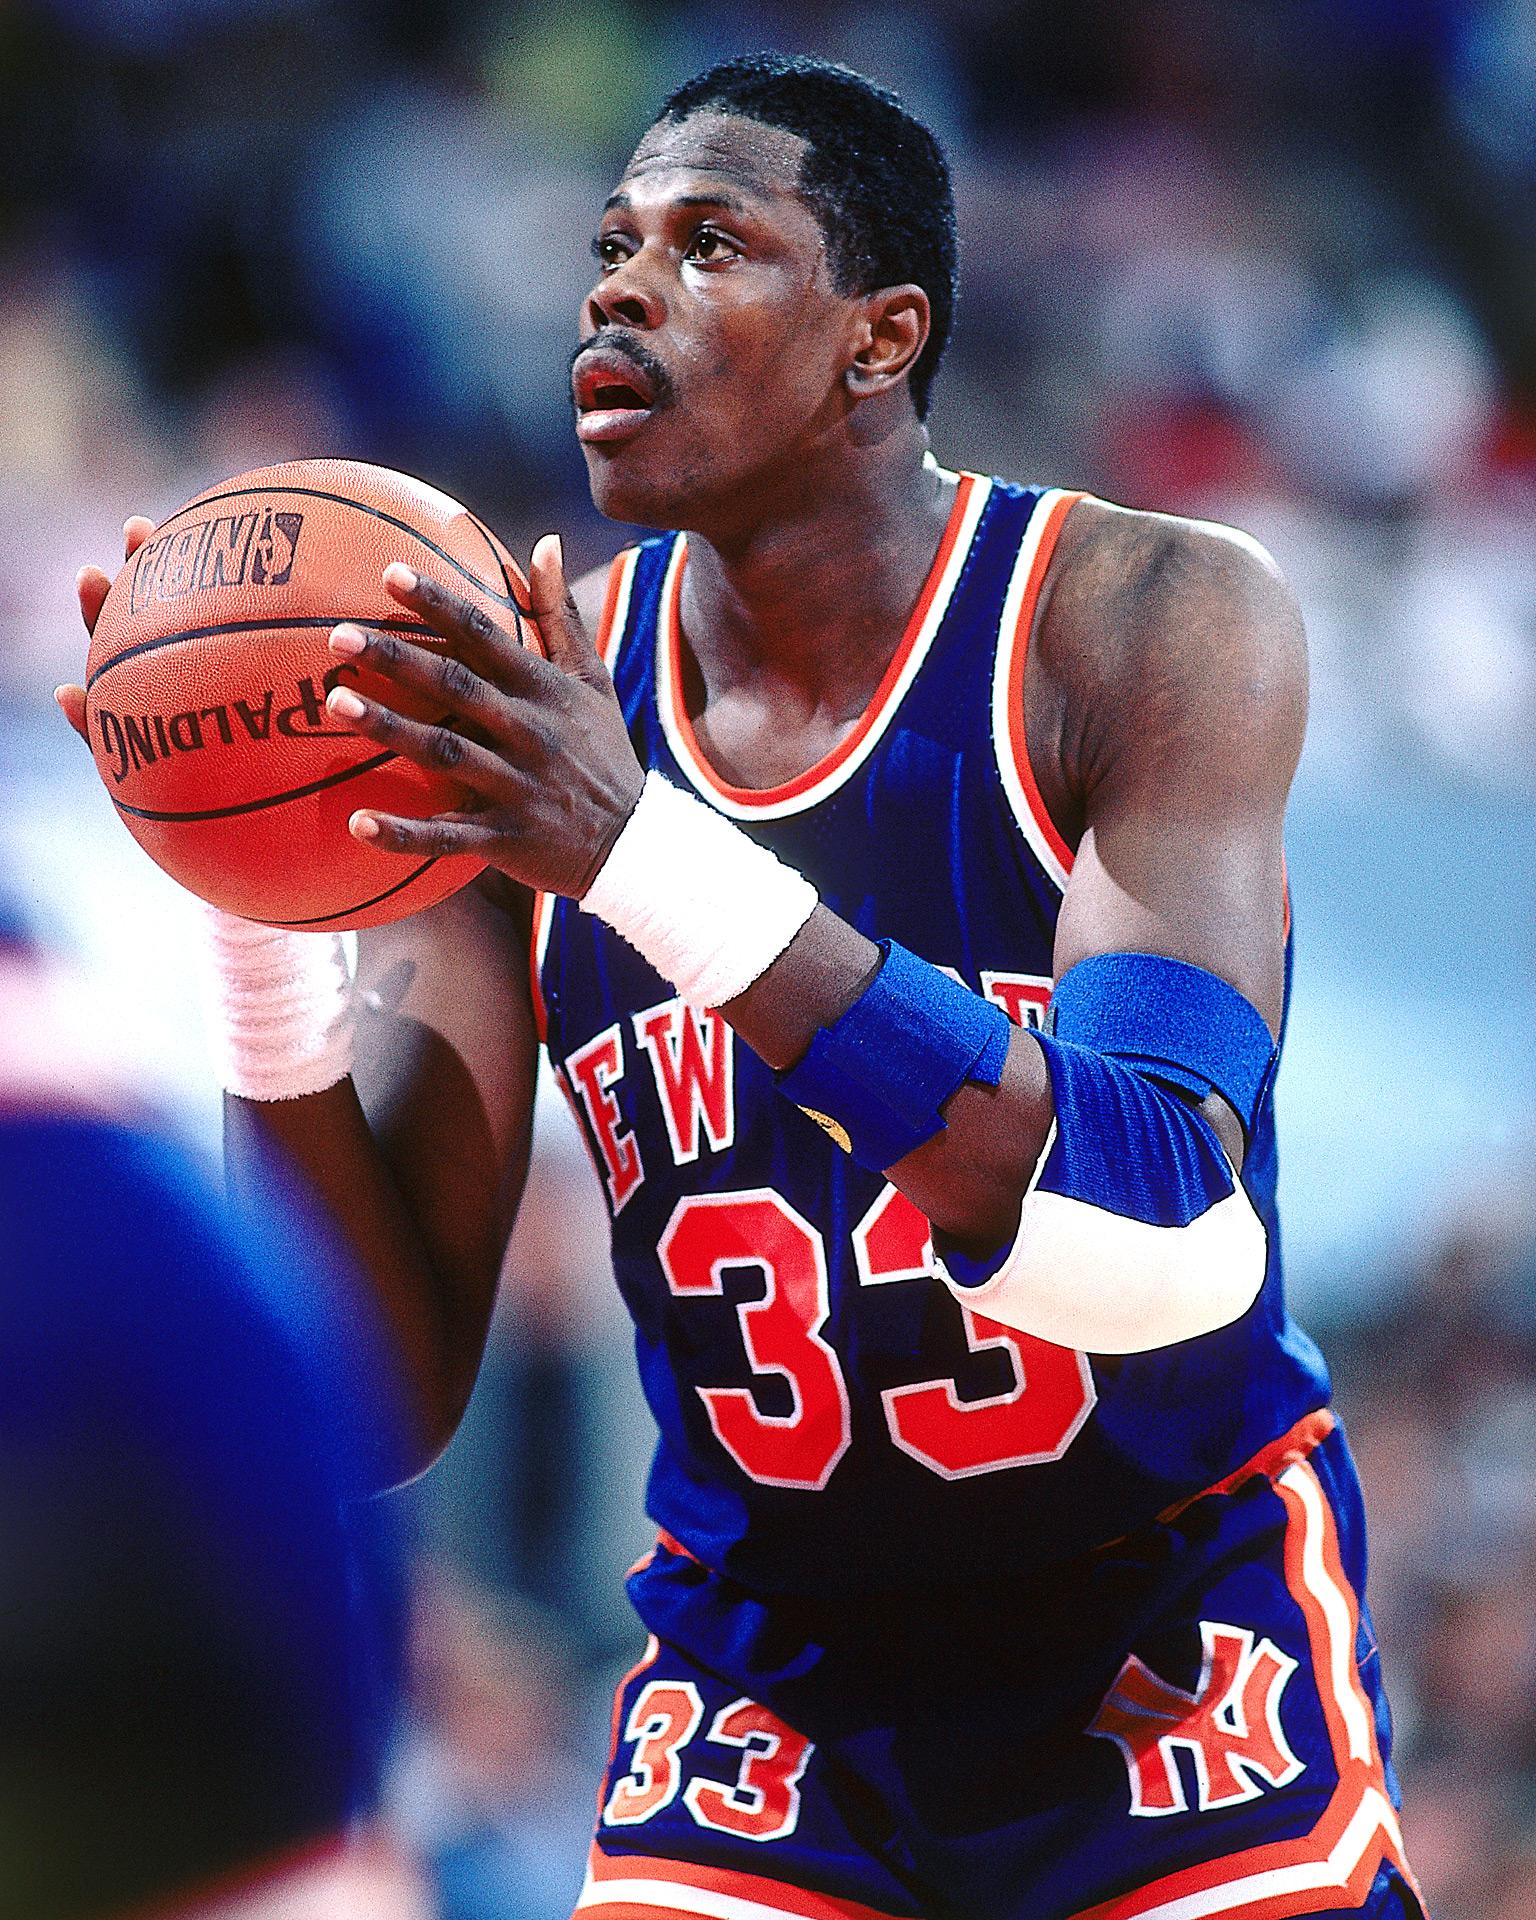 1985 Patrick Ewing NBA Draft Former No 1 Picks ESPN